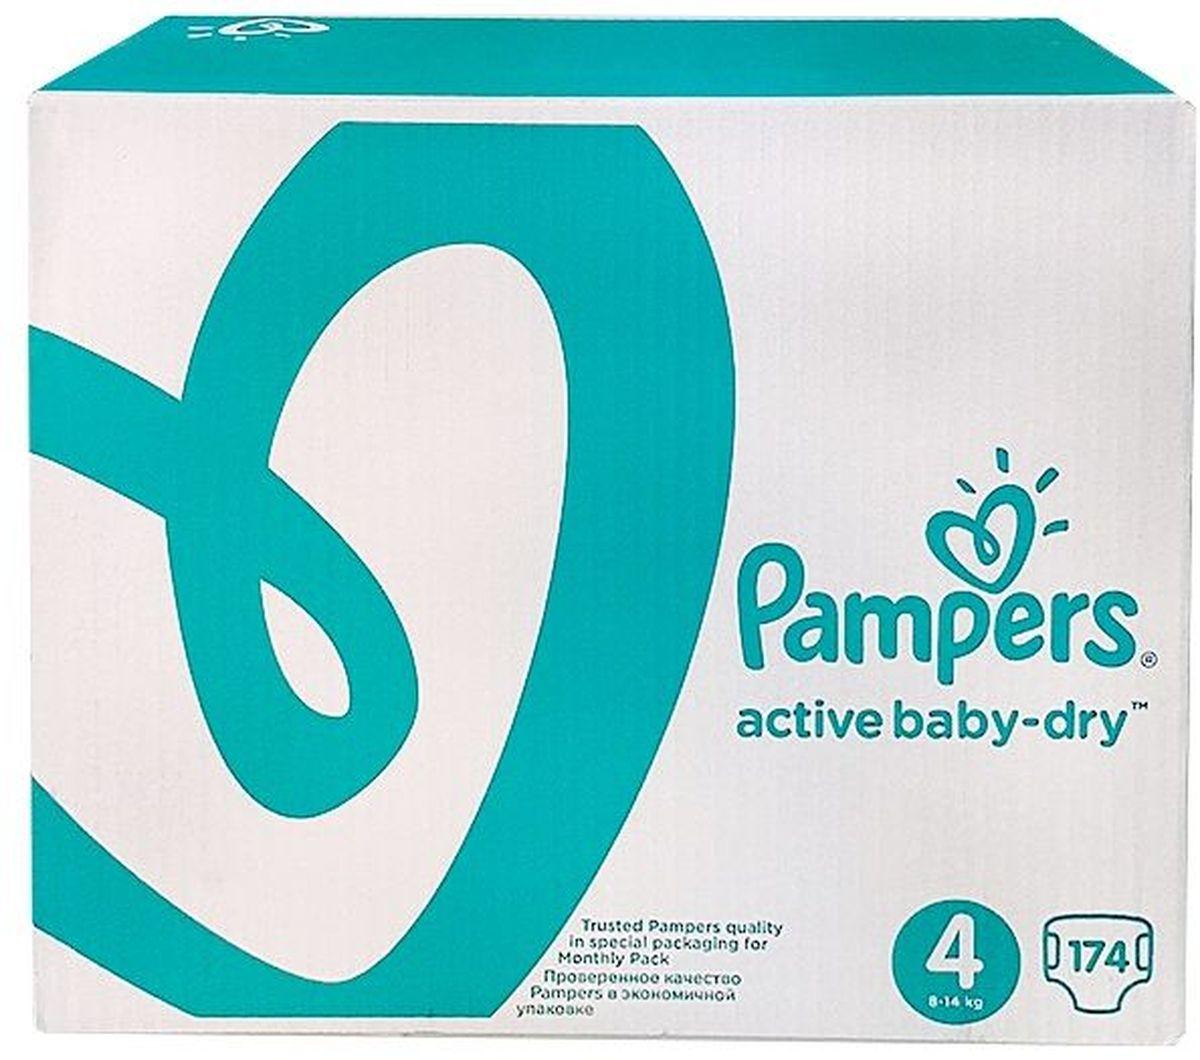 Pampers Подгузники Active Baby-Dry 8-14 кг Maxi 174 штPA-81603990Месячный запас подгузников! Ух ты, как сухо! А куда исчезли все пи-пи? Вы готовы к революции в мире подгузников? Как только вы начнете использовать Pampers active baby-dry, вы убедитесь, что они отличаются от наших предыдущих подгузников. Революционная технология помогает распределять влагу равномерно по 3 впитывающим каналам и запирать ее на замок, не допуская образование мокрого комка между ножек по утрам. Эти подгузники настолько удобные и сухие, что вы удивитесь, куда делись все пи-пи! - 3 впитывающих канала: помогают равномерно распределить влагу по подгузнику, не допуская образование мокрого комка между ножек. - Впитывающие жемчужные микрогранулы: внутренний слой с жемчужными микрогранулами, который впитывает и запирает влагу до 12 часов. - Слой DRY: впитывает влагу и не дает ей соприкасаться с нежной кожей малыша. - Мягкий, как хлопок, верхний слой: предотвращает контакт влаги с кожей малыша, для спокойного сна на всю ночь. - Дышащие материалы: обеспечивают циркуляцию...